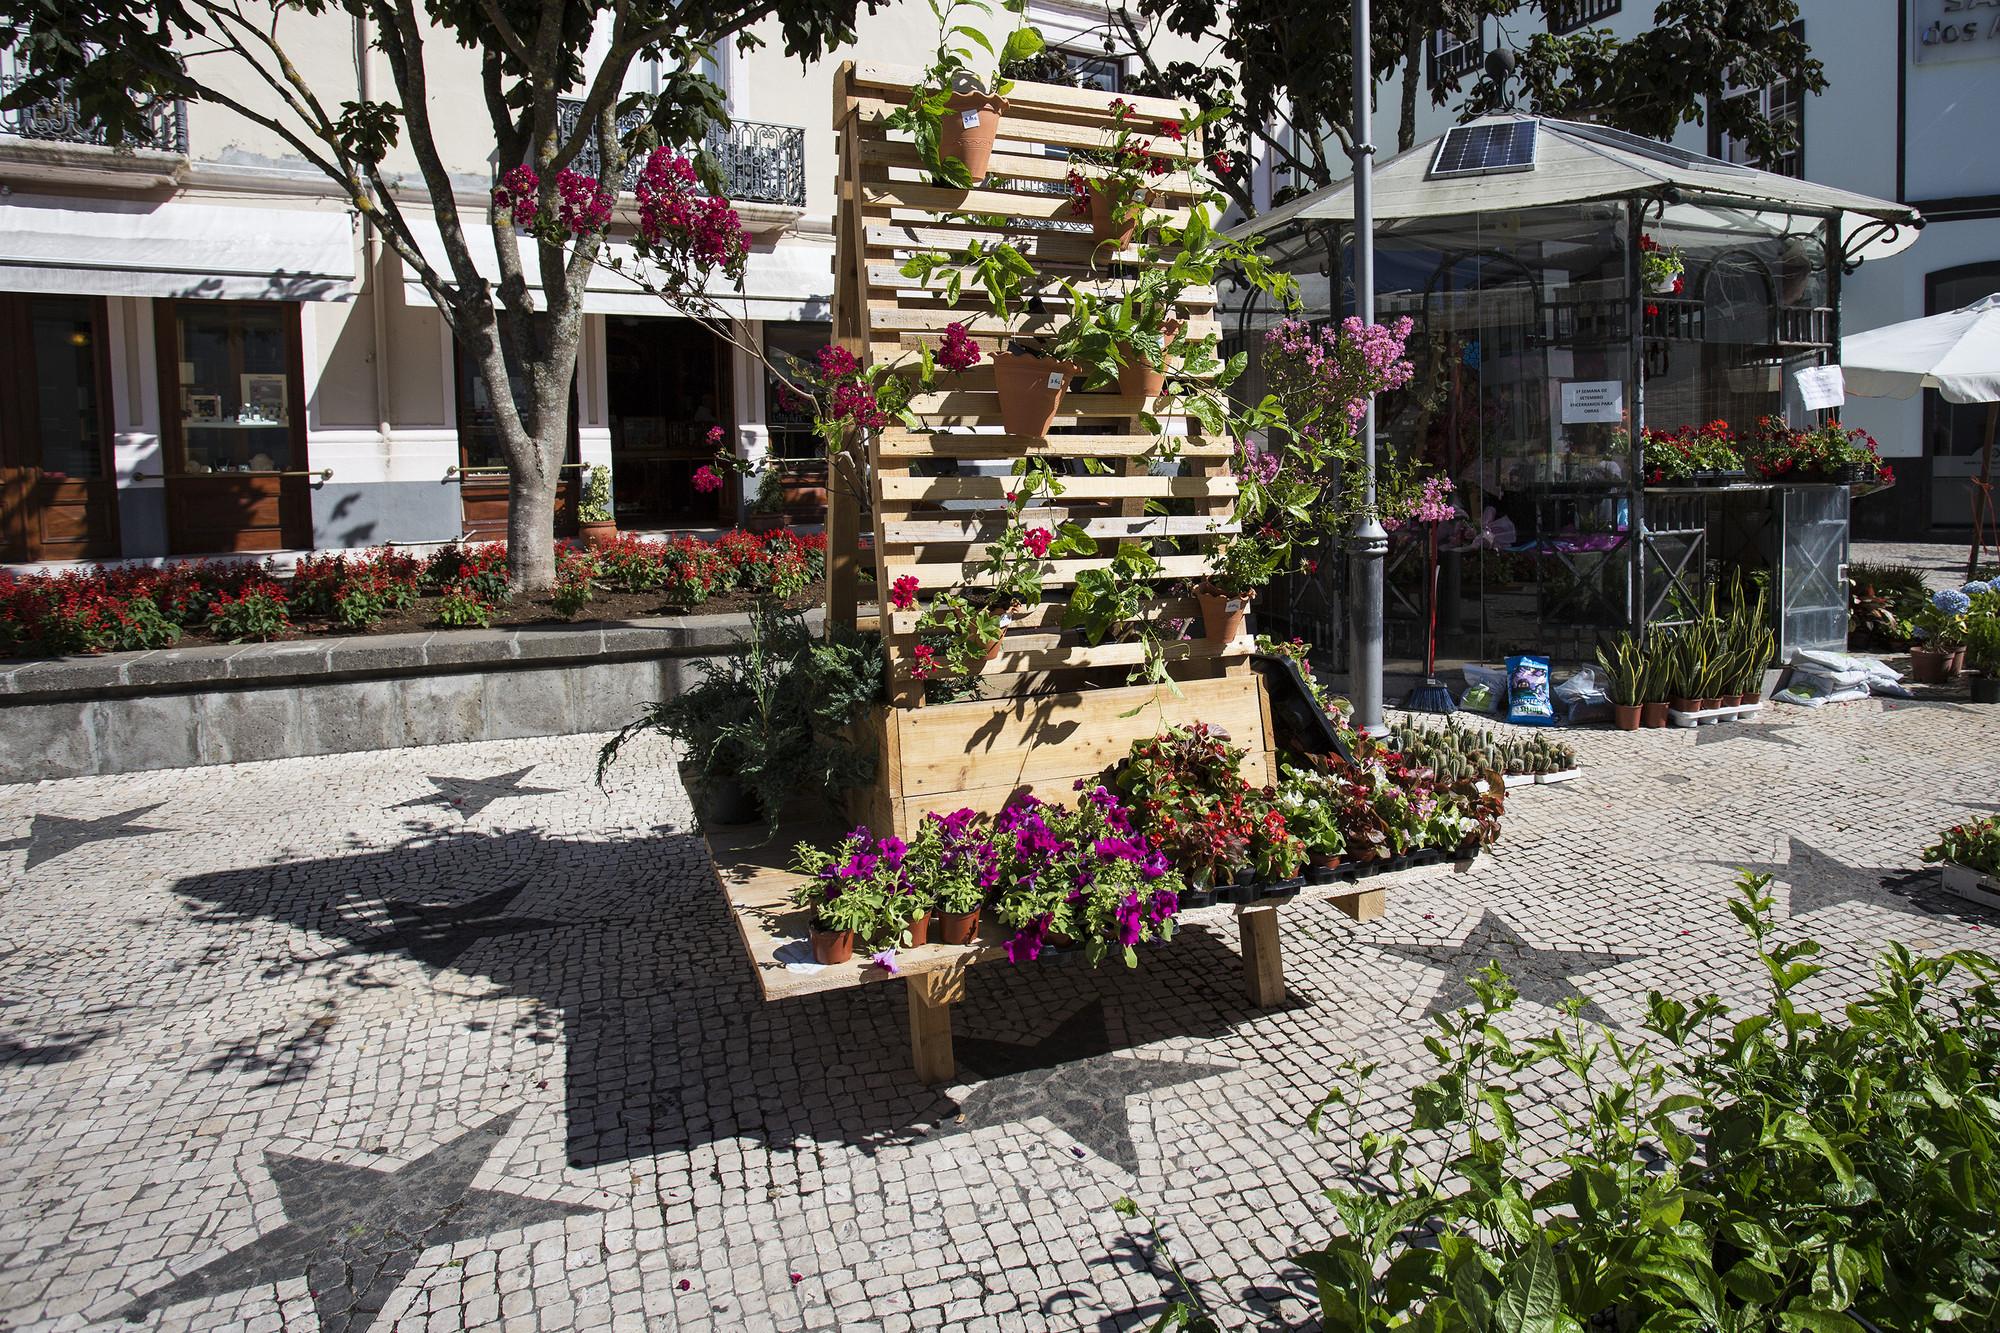 Galeria de redesign tradition play architecture mezzo - La maison mobel ...